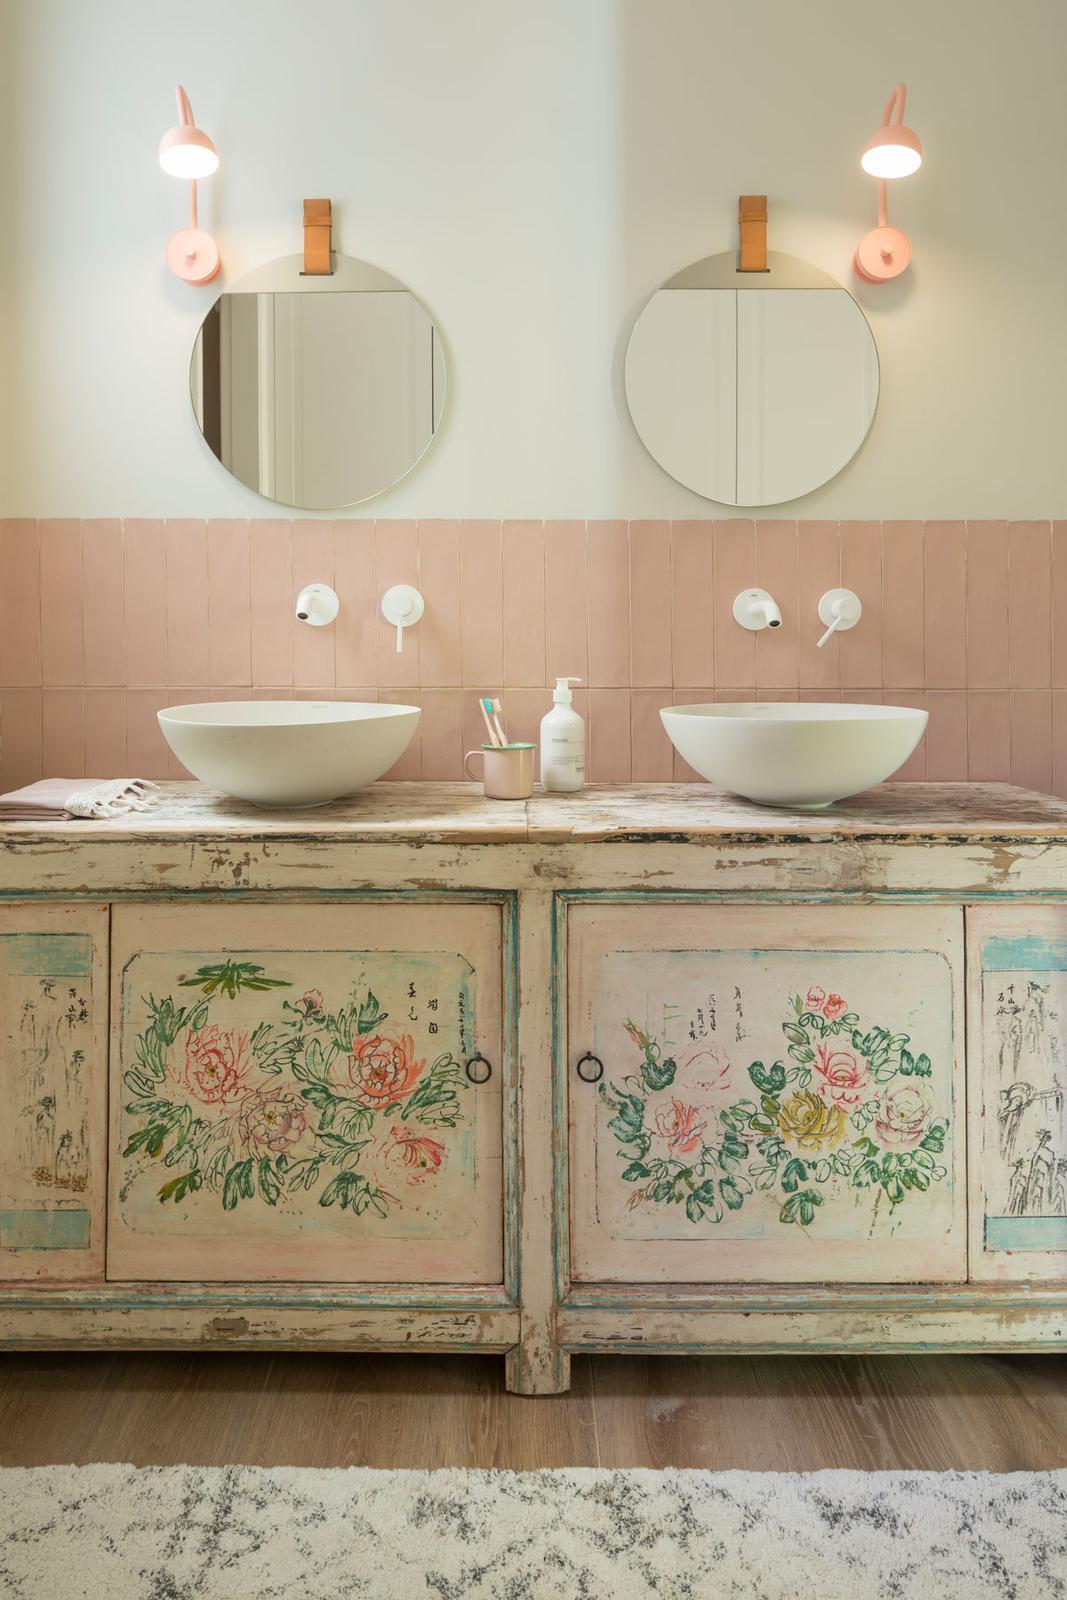 Dom na Malorke očarí vysokými stropmi a jedinečnou atmosférou - Dominantou kúpeľne je originálna vintage skrinka, ktorá určuje farebnosť celej miestnosti.